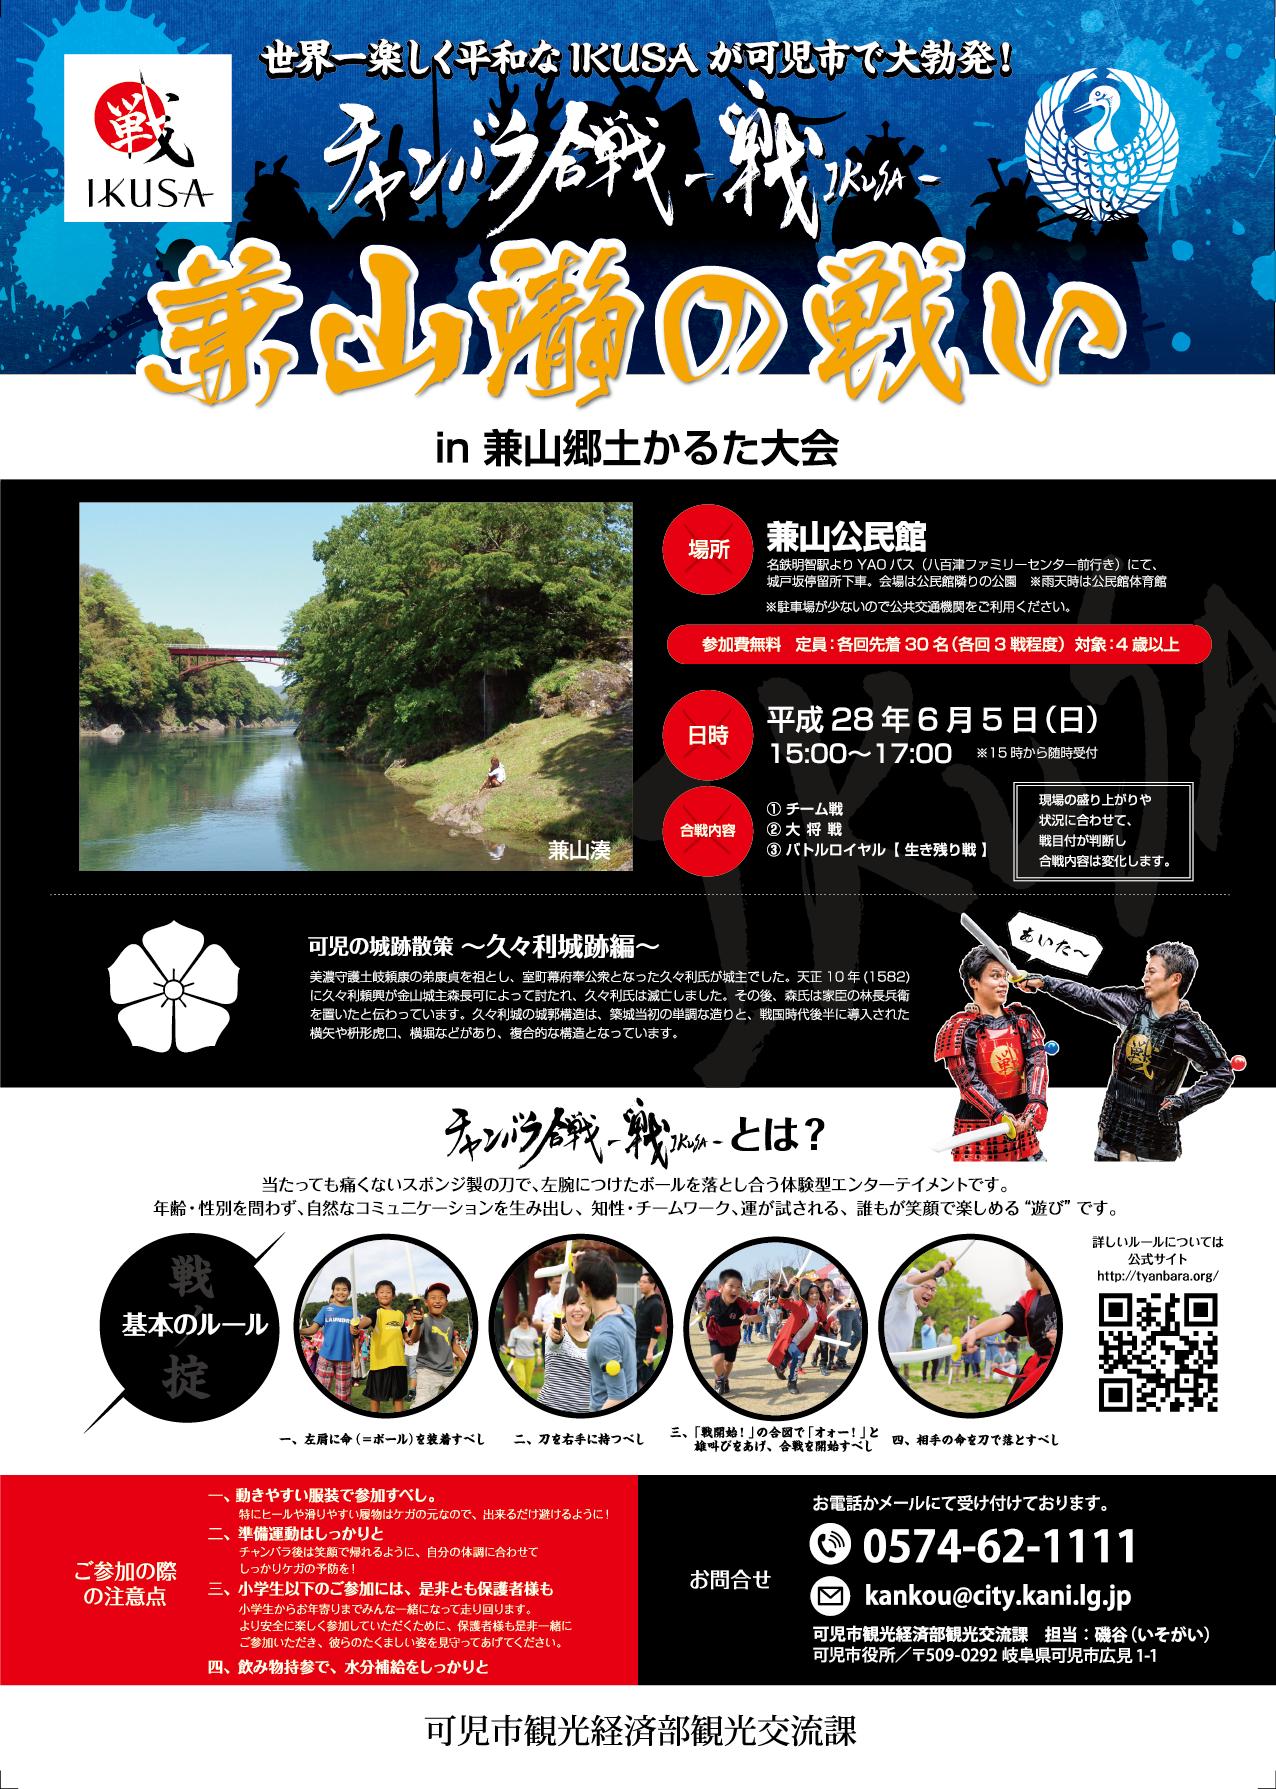 チャンバラ合戦IKUSA ~兼山瀞の戦い~